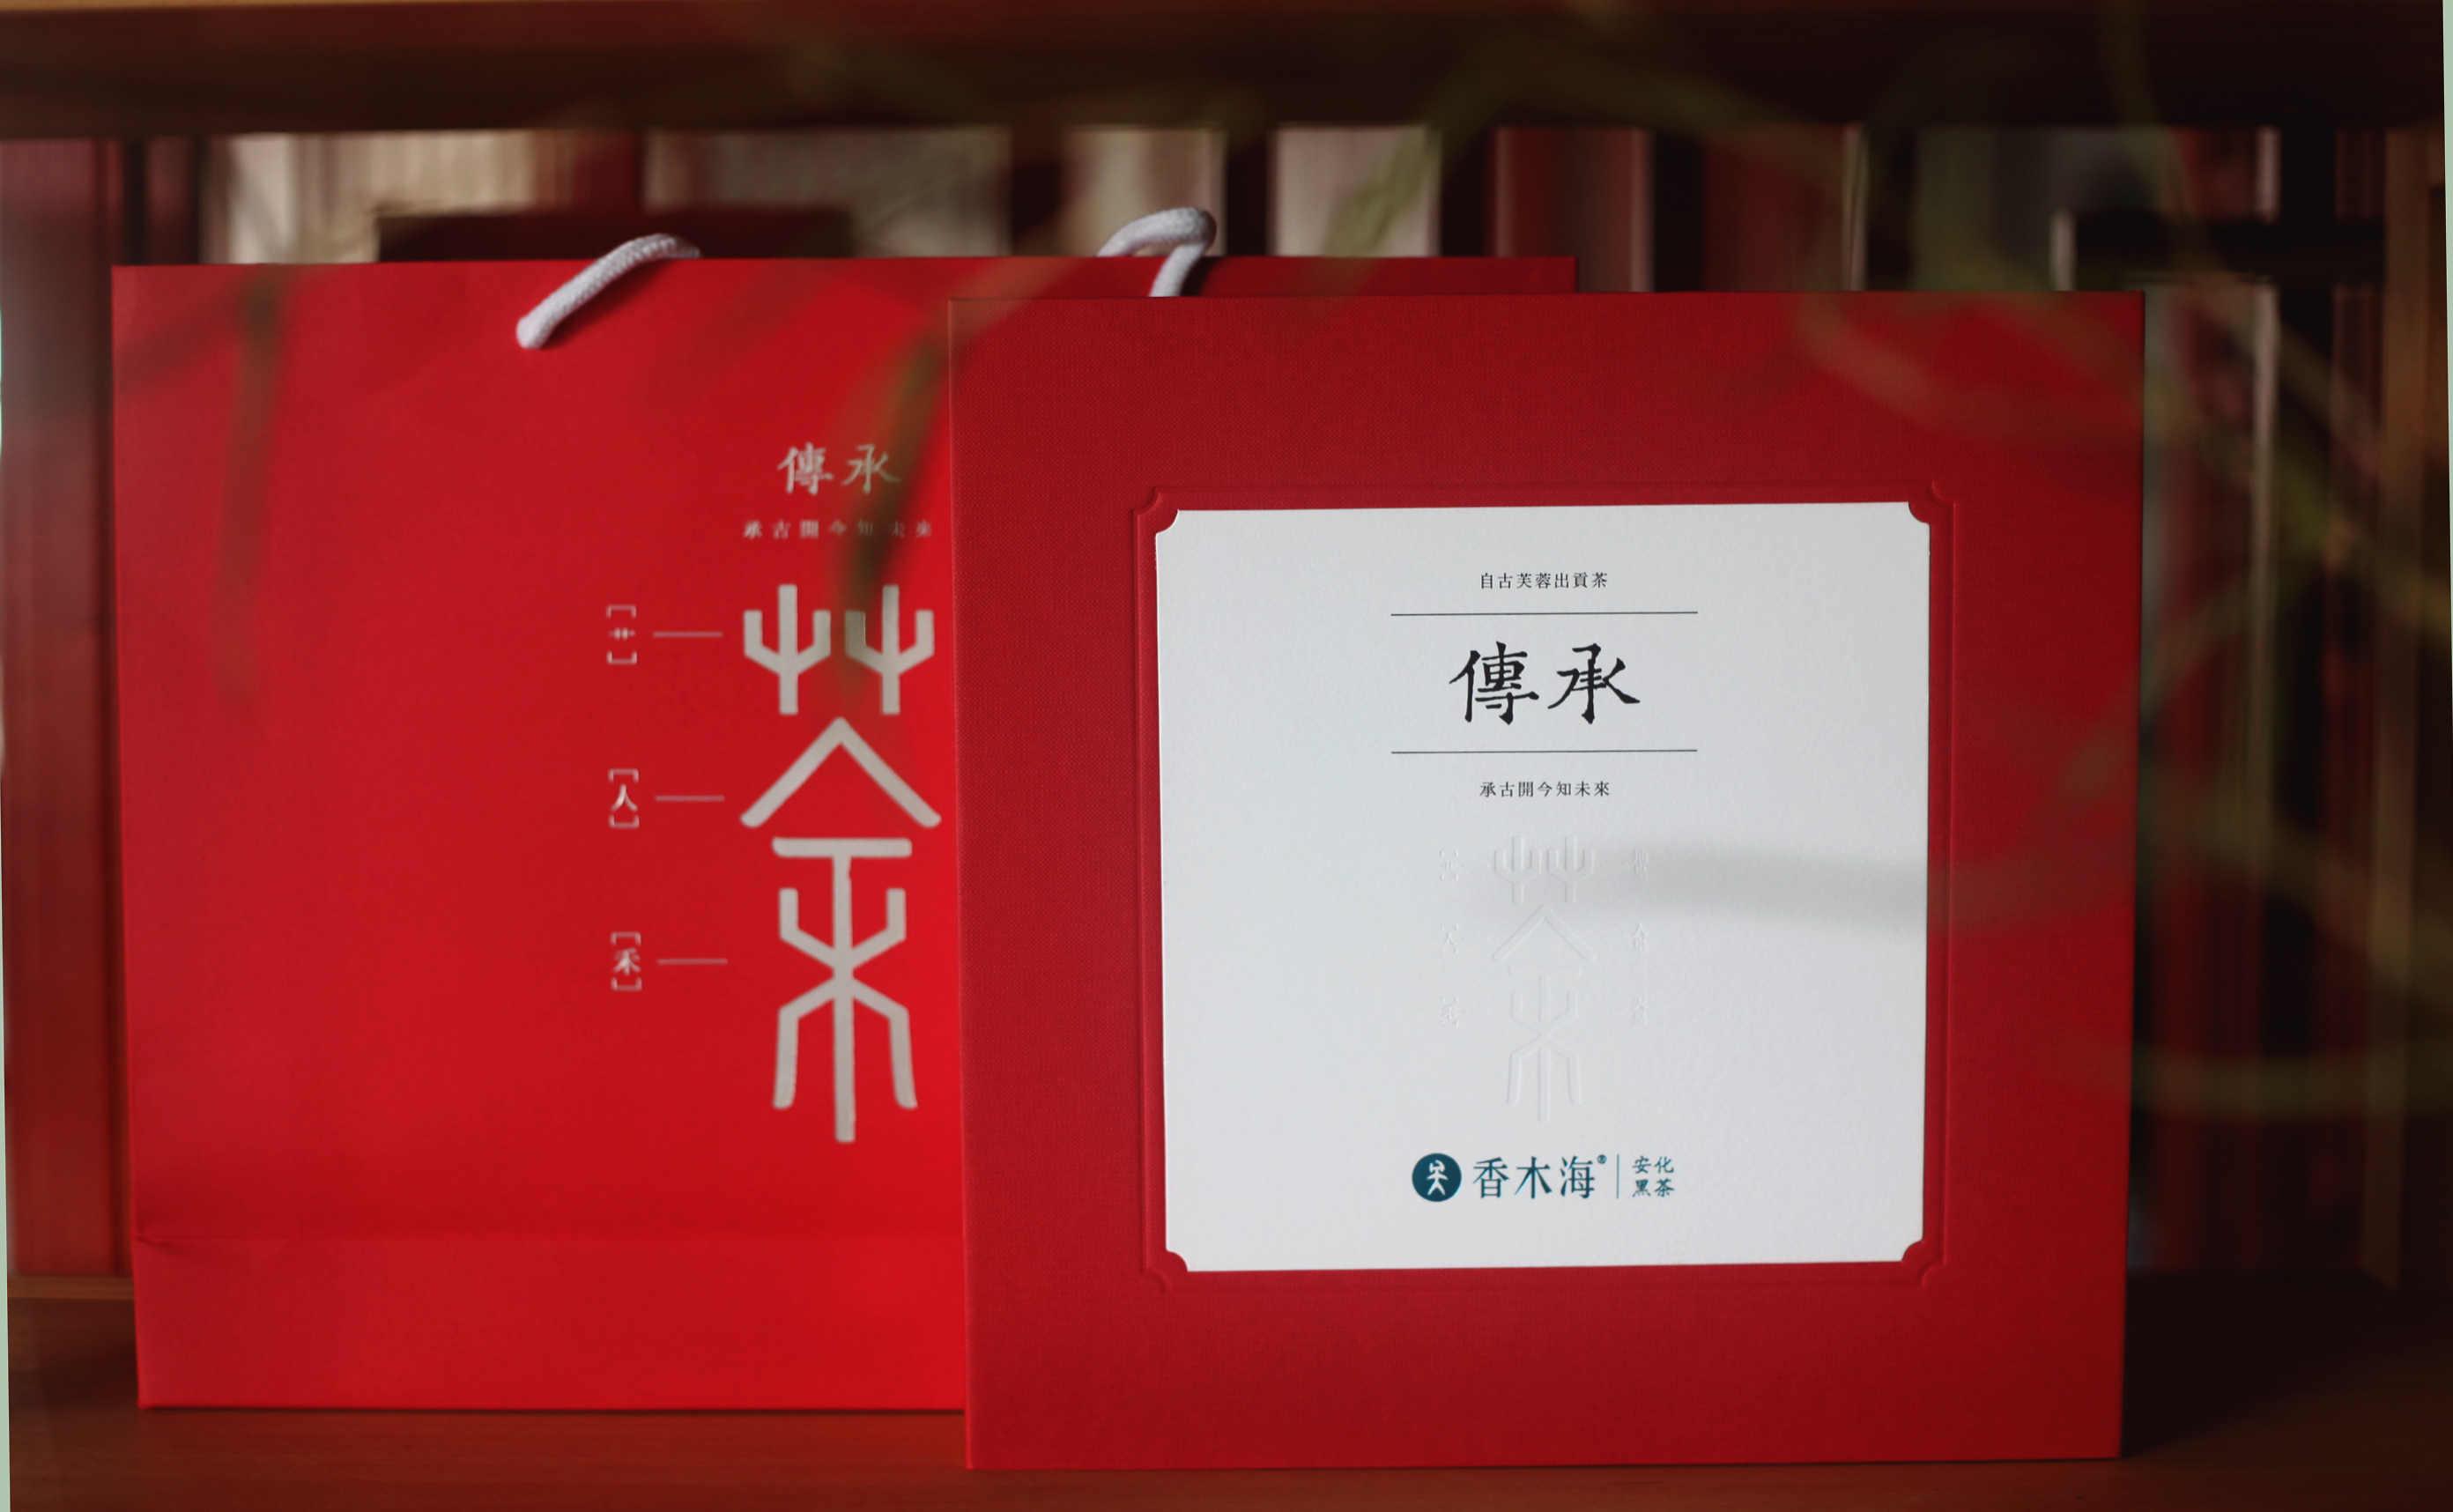 黑茶生产厂家哪家好,黑茶生产厂家最新推荐